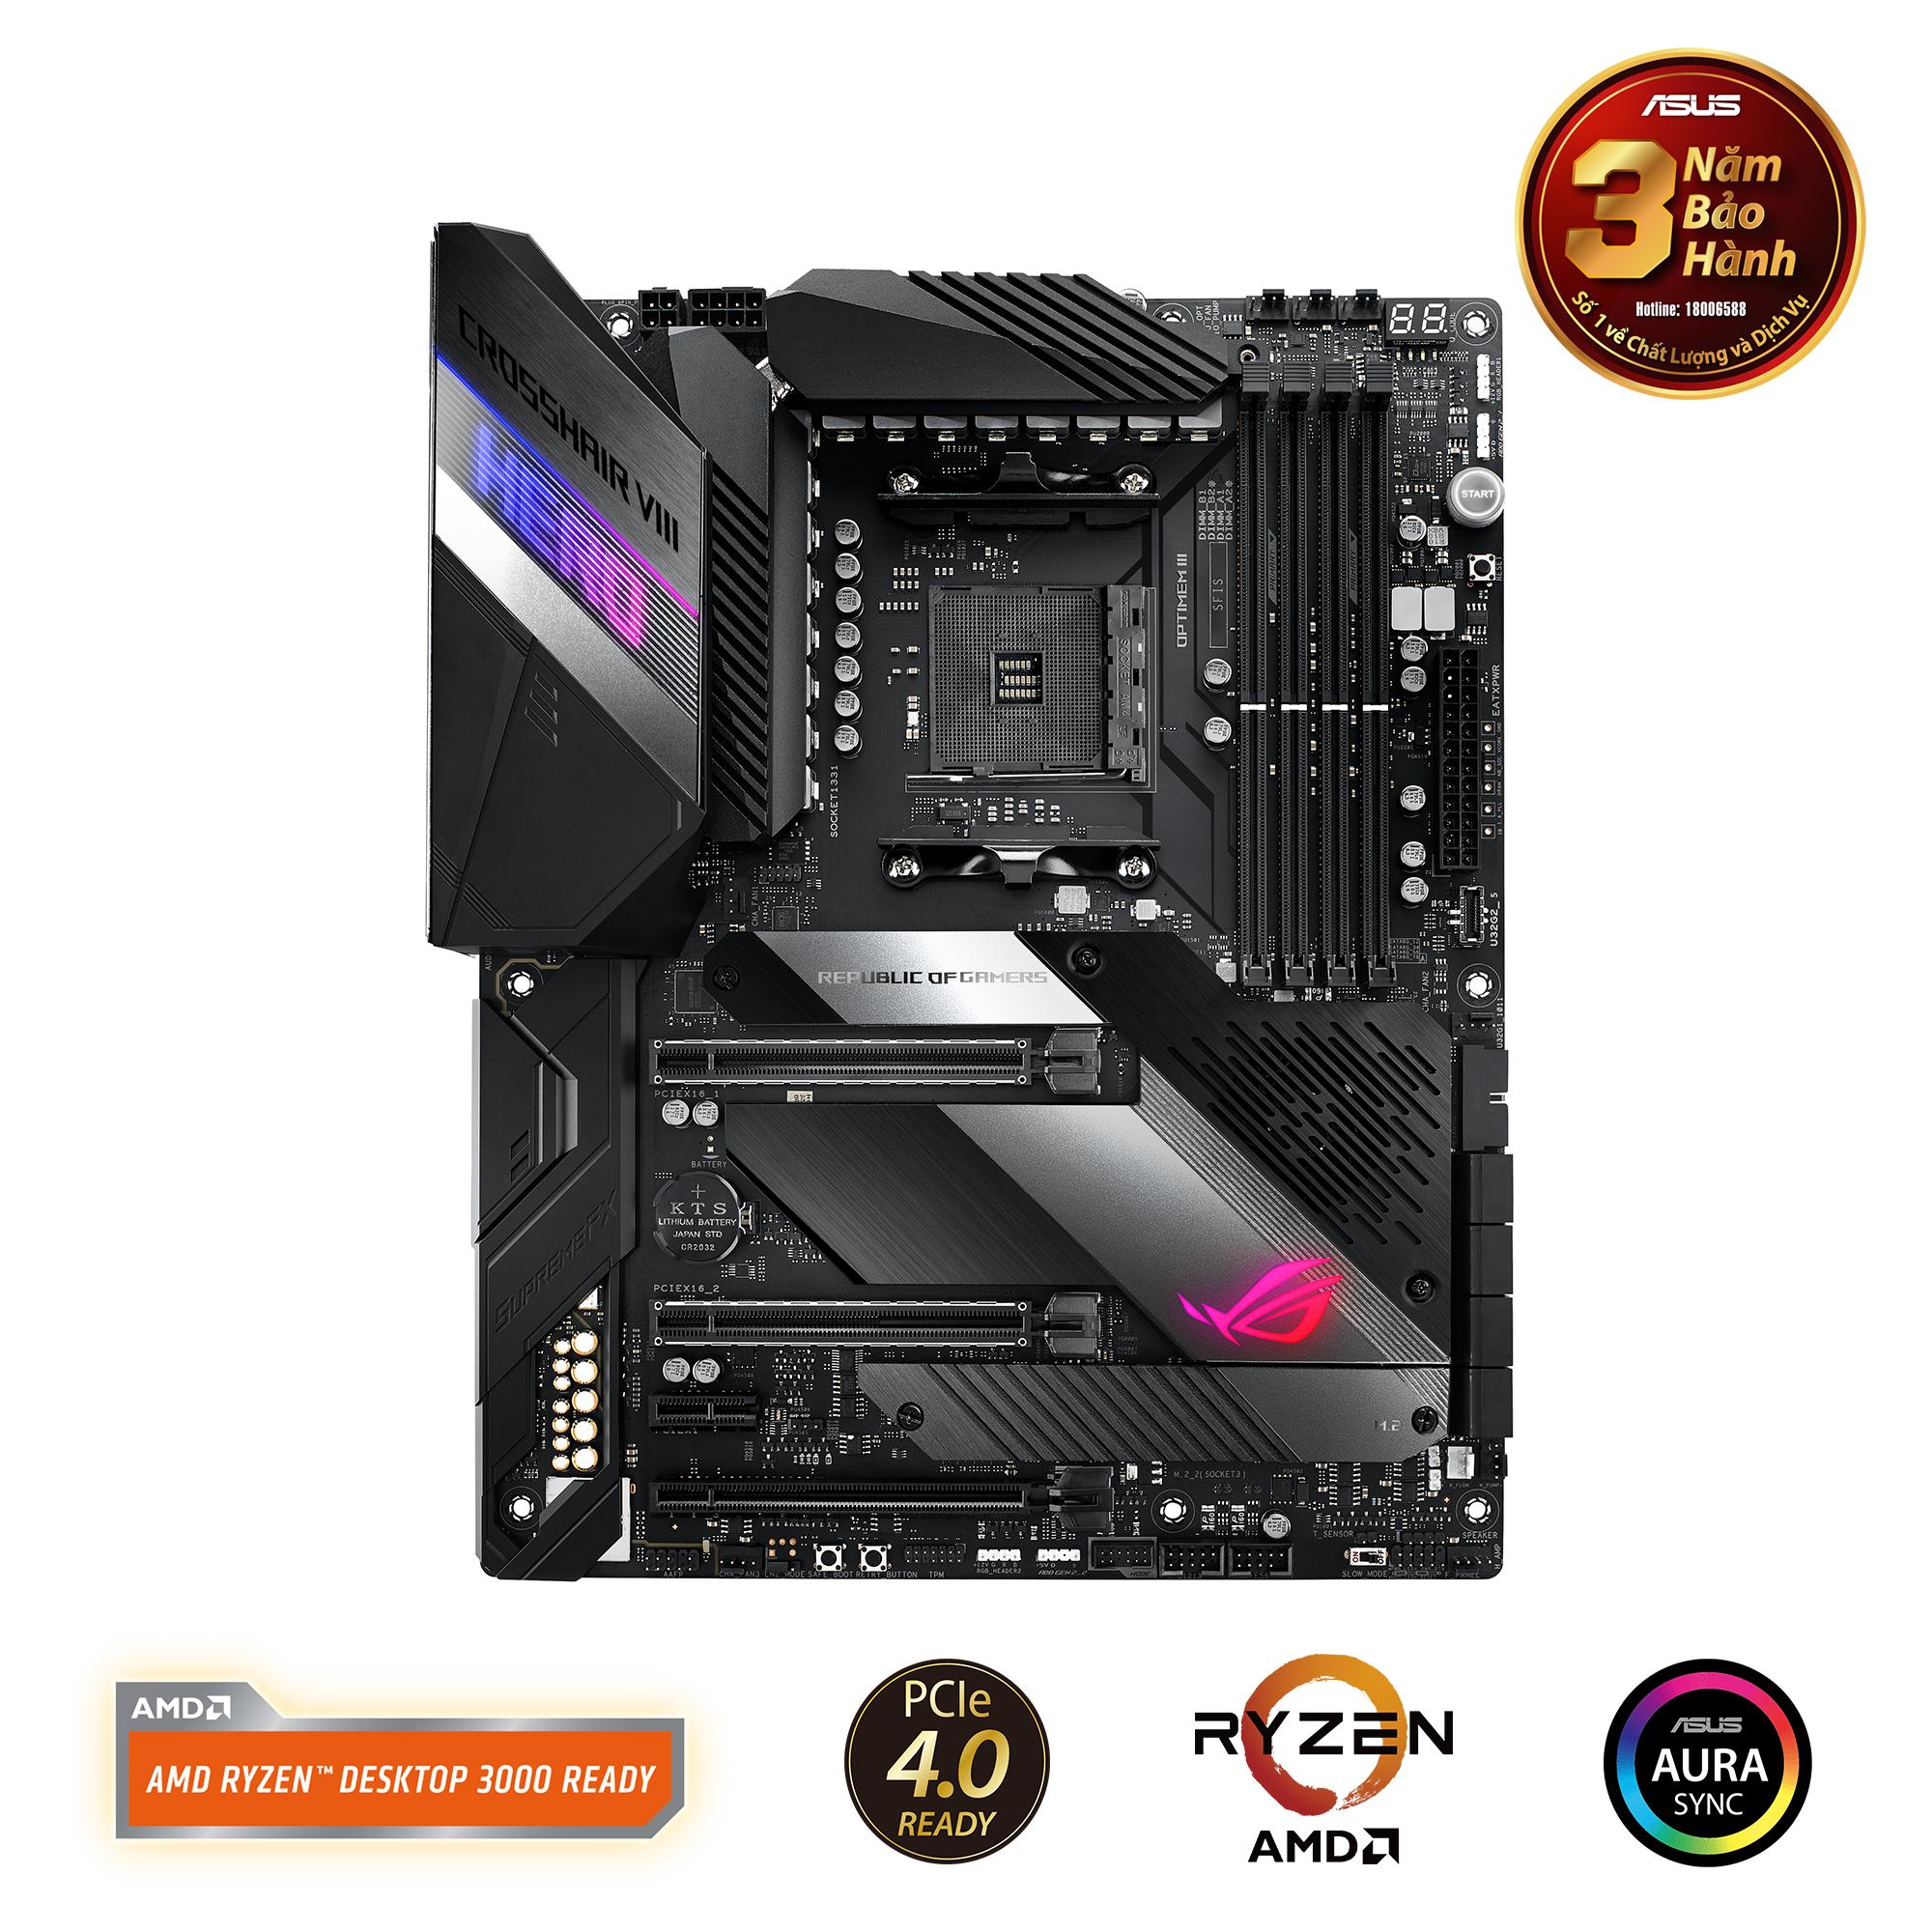 ASUS CROSSHAIR VIII HERO X570 (AMD Socket AM4)